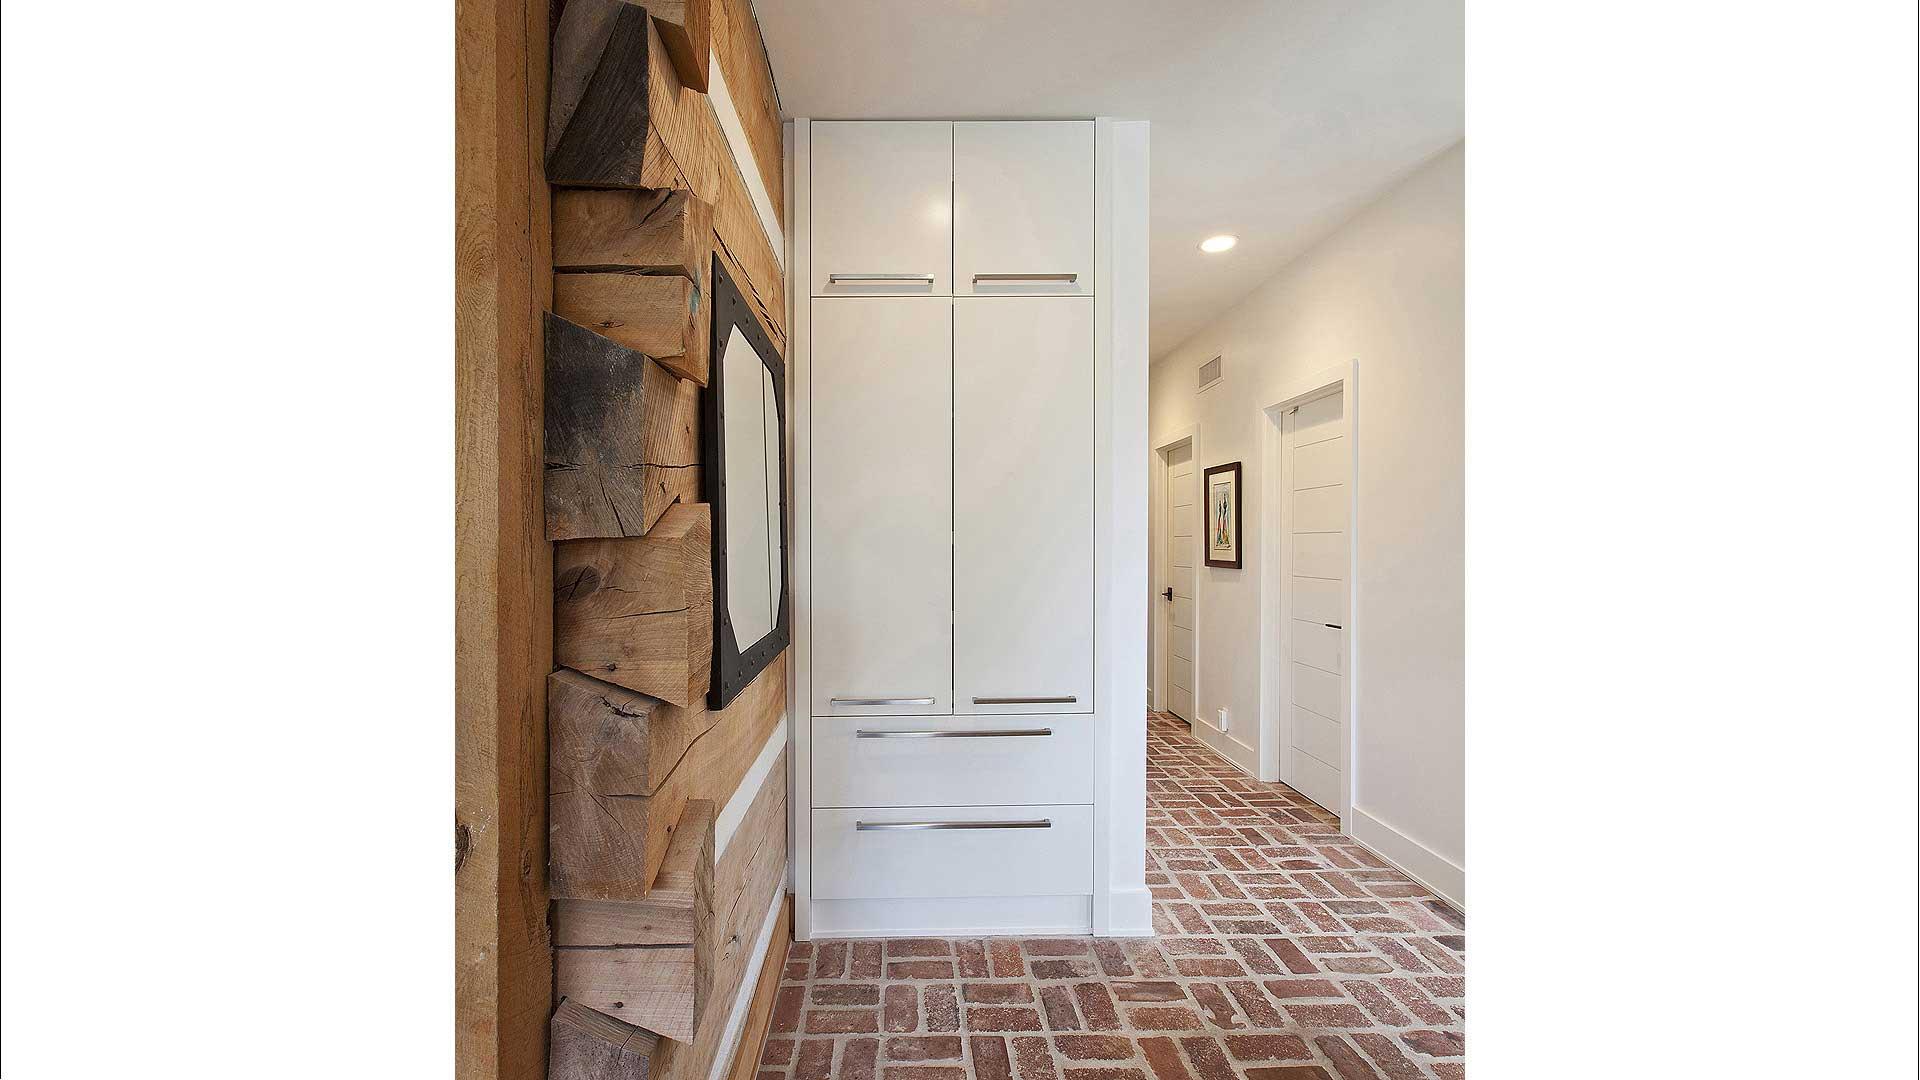 Scandinavian Rustic Cabin - Pantry Cabinet